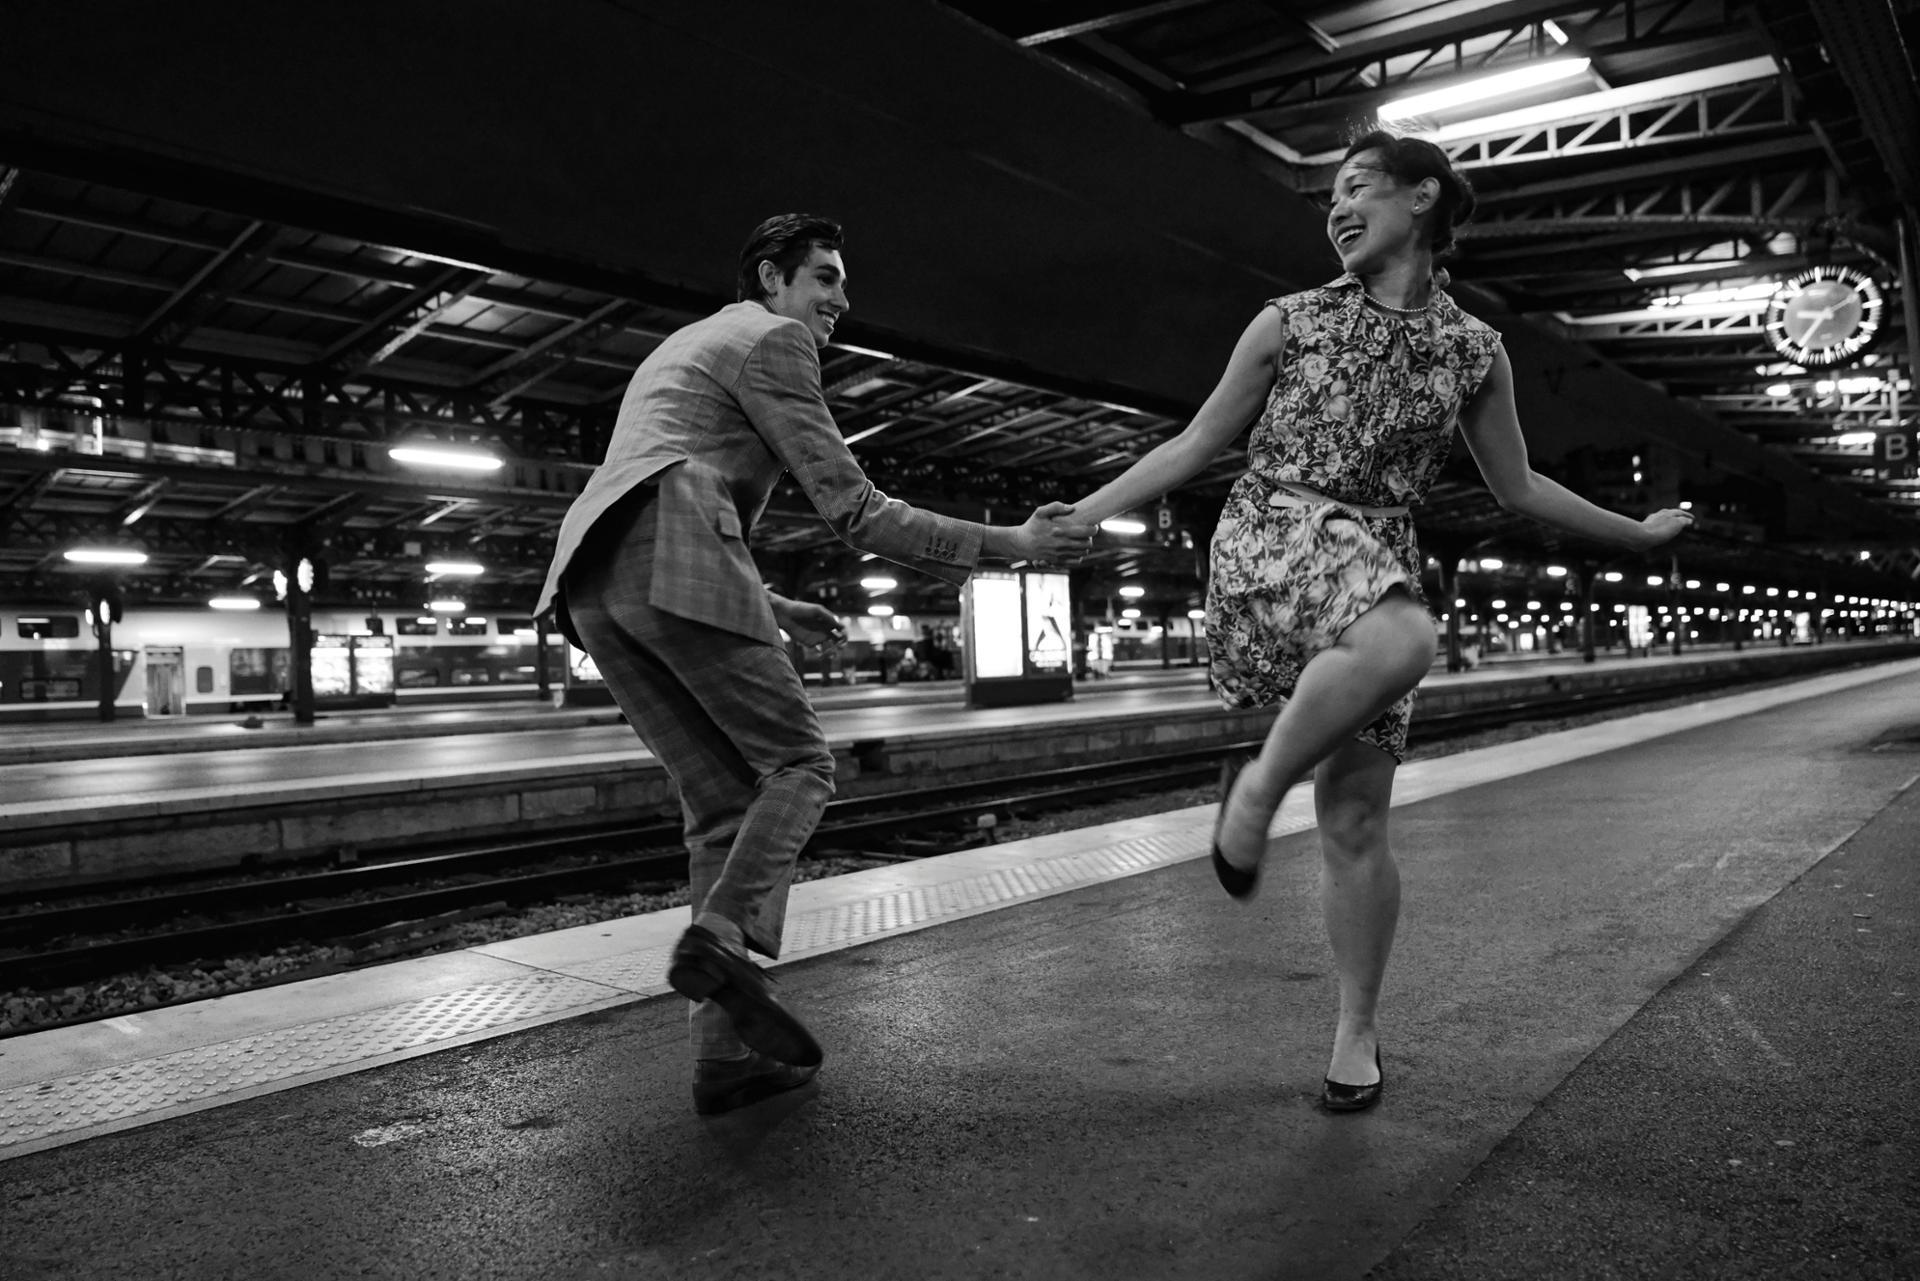 Petit Swing entre amoureux | Paris Gare de l'Est | 30 août 2017